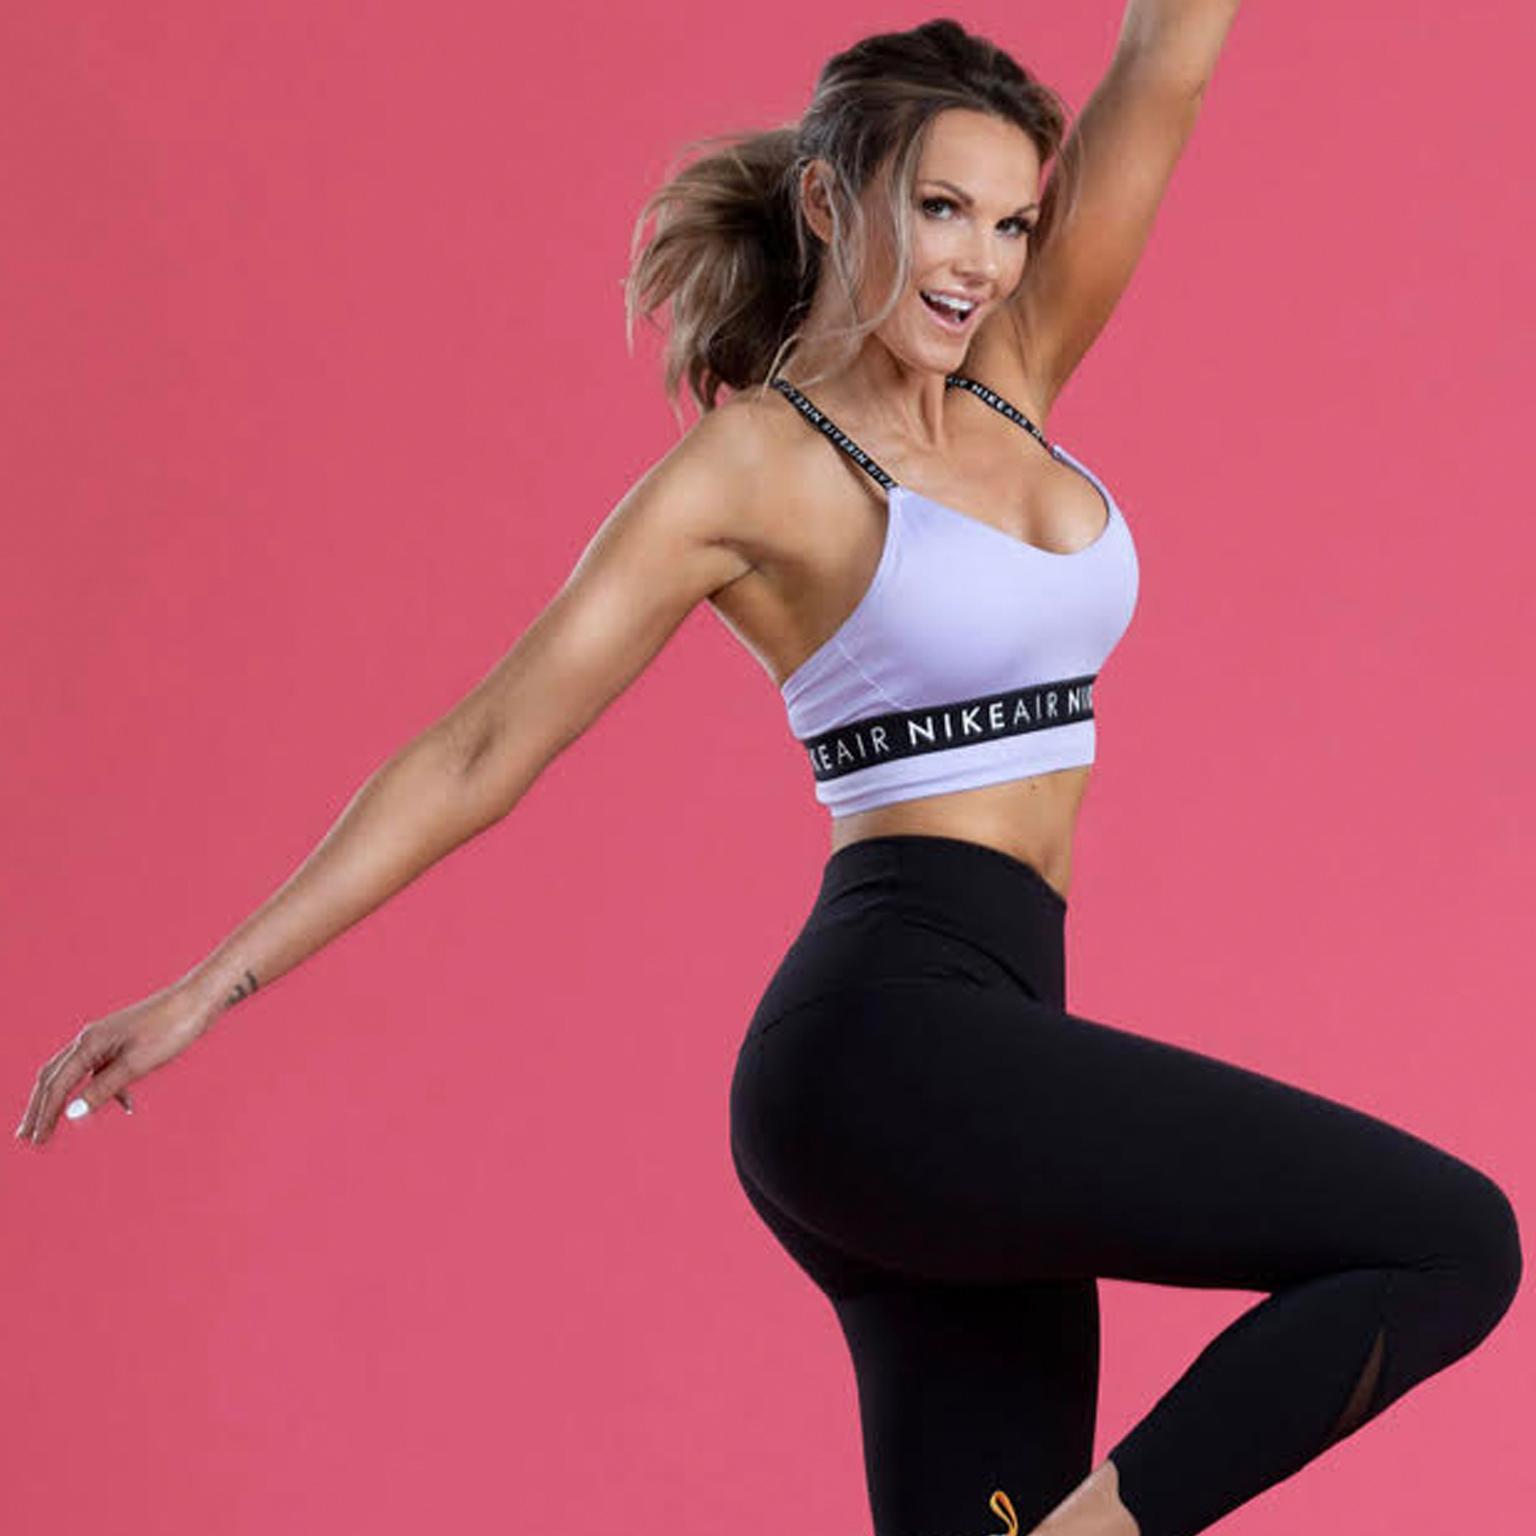 Toronto-Fitness-Model-Agency-Sport-Nike-Woman-Commercial-Schutte